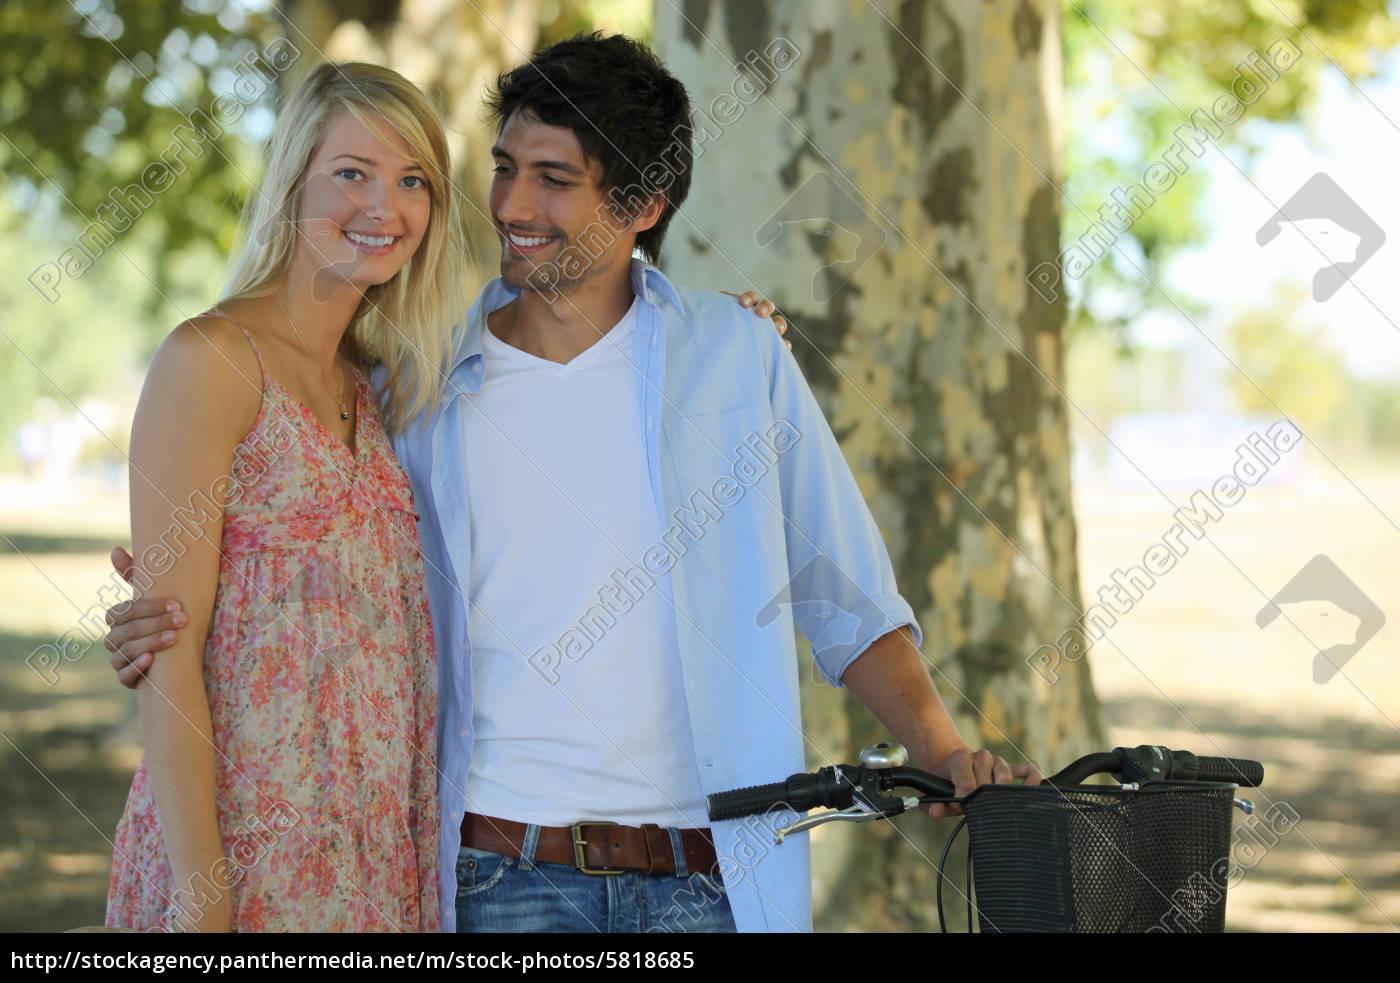 niedlichen, paar, im, park, mit, fahrrad - 5818685